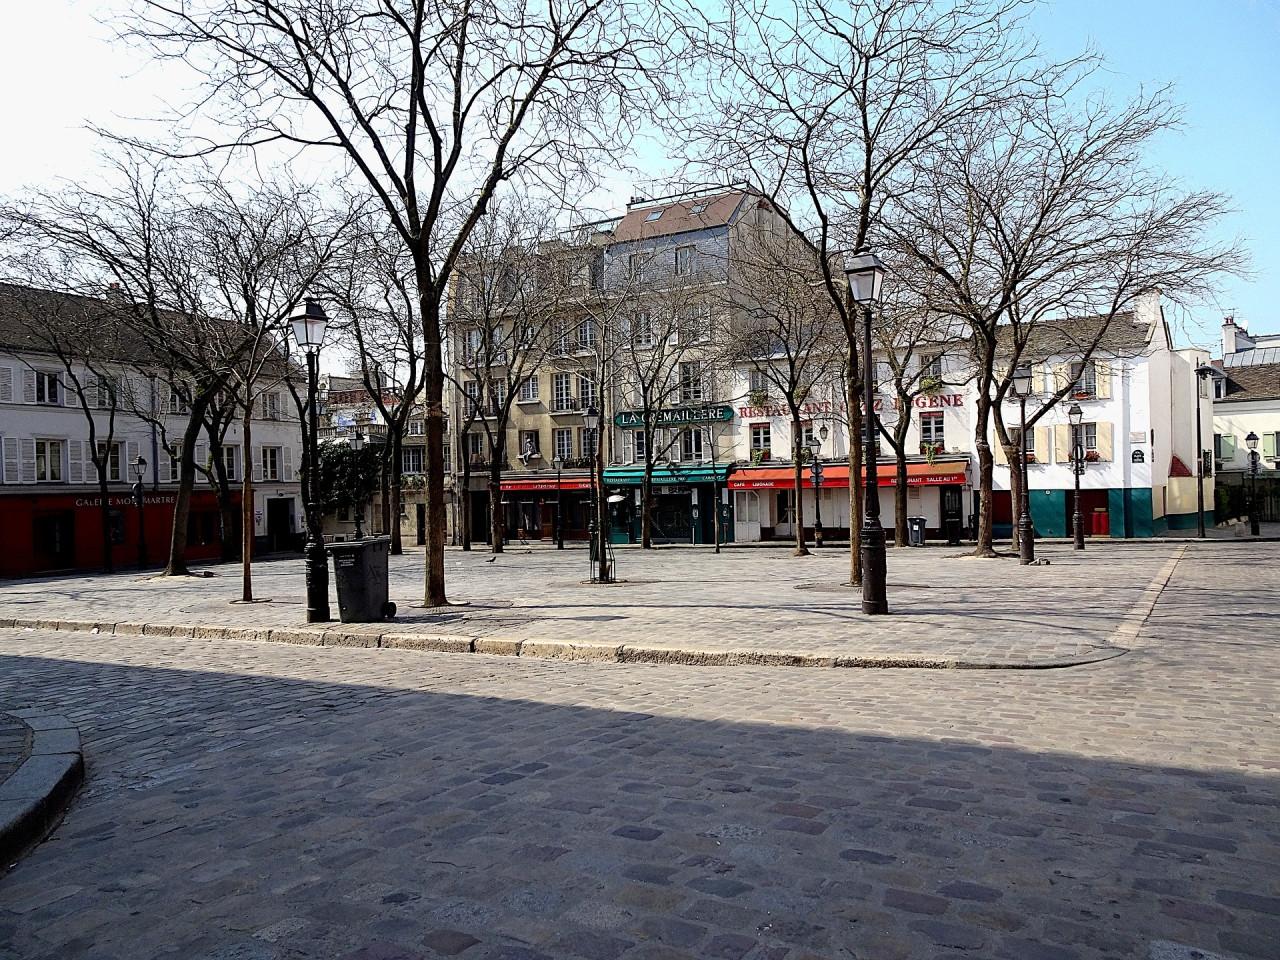 Storico provvedimenti Covid a Parigi e in Francia